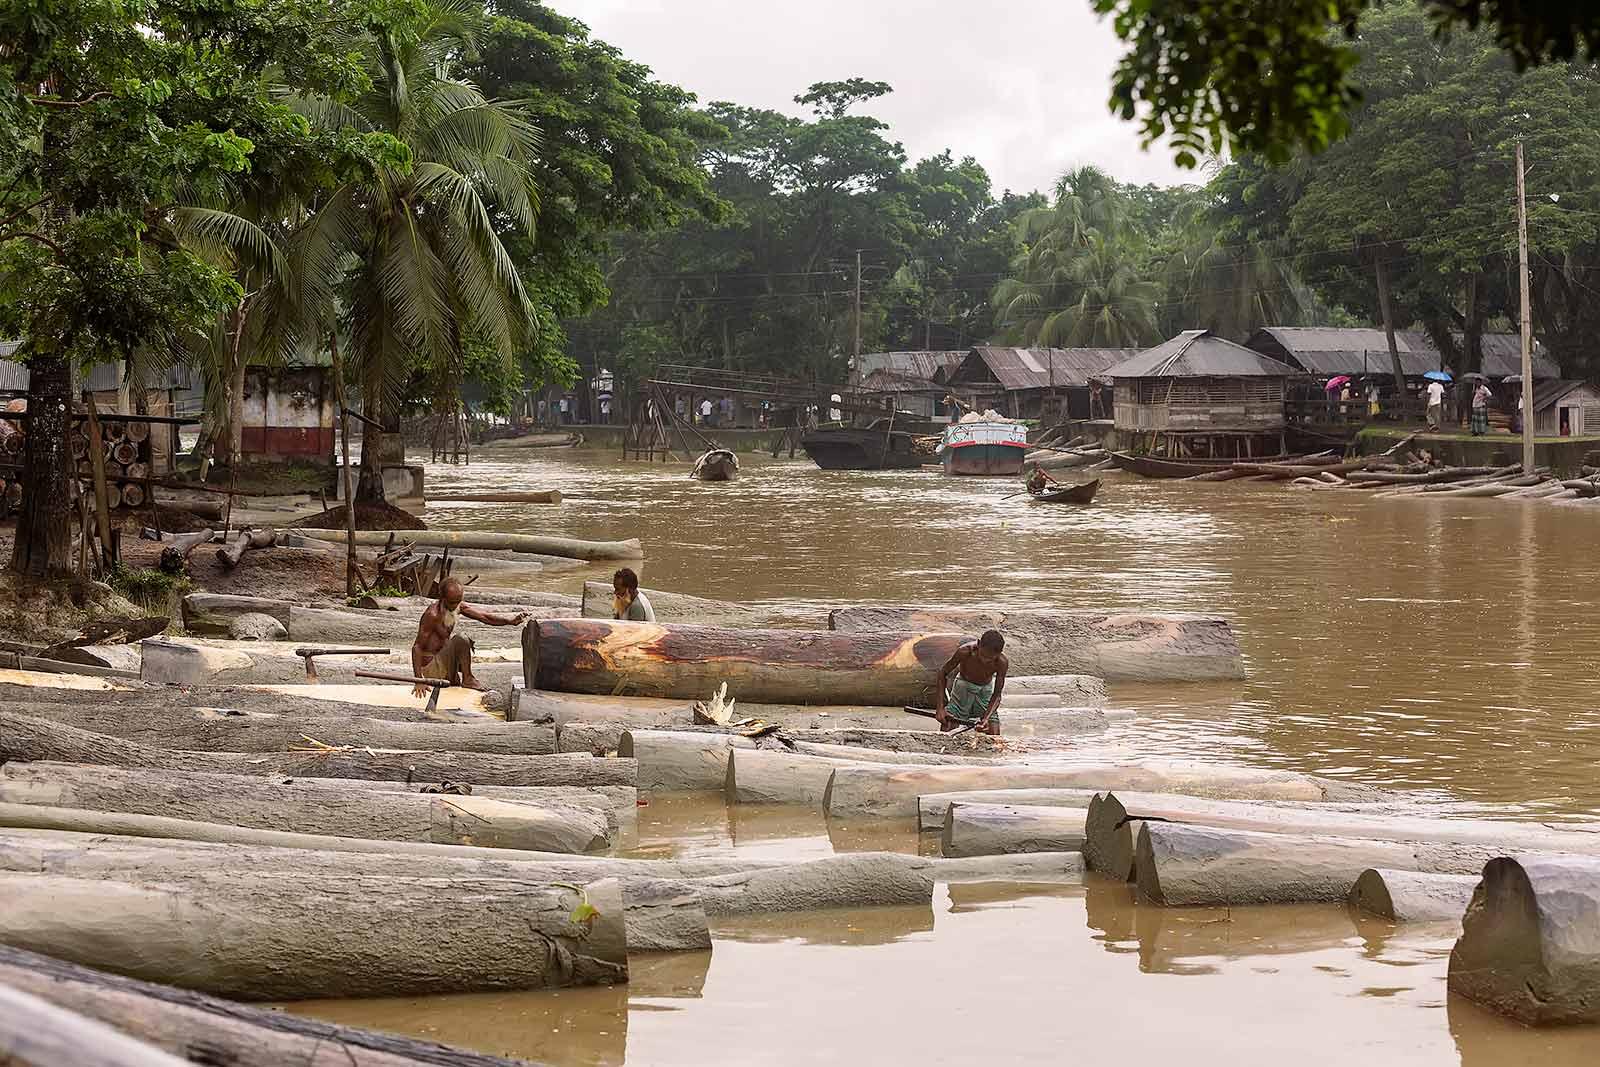 wood-market-boat-canal-swarupkathi-bangladesh-1